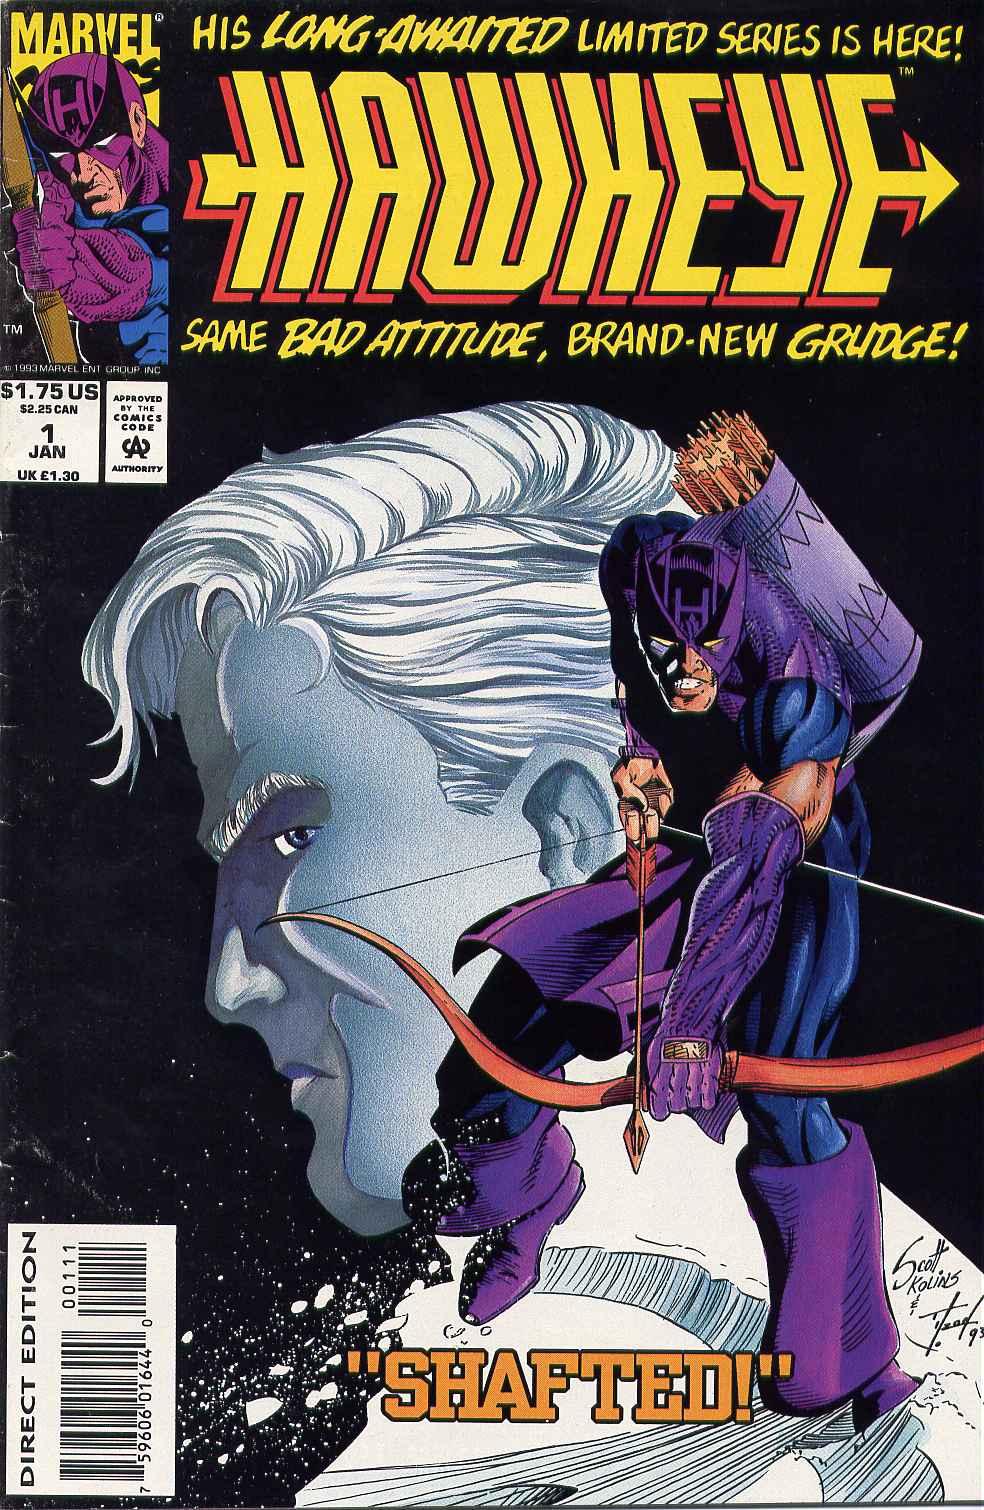 Hawkeye (1994) Issue #1 #1 - English 1